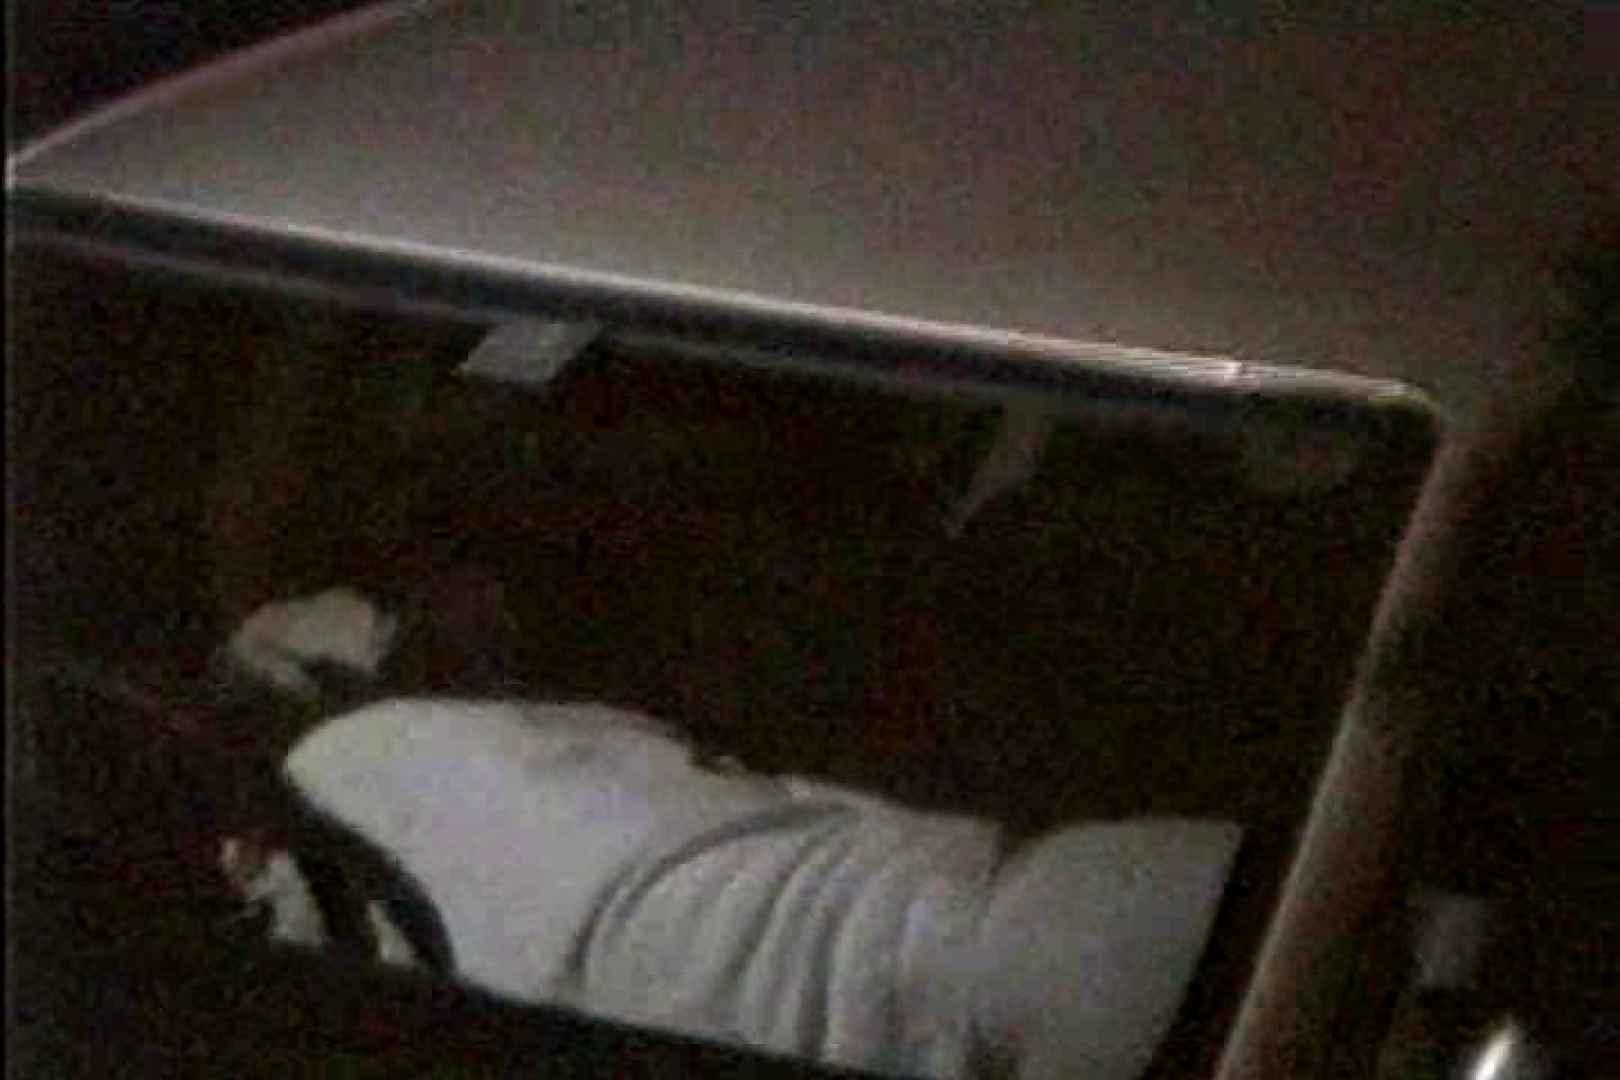 車の中はラブホテル 無修正版  Vol.8 ホテル ヌード画像 102PIX 28